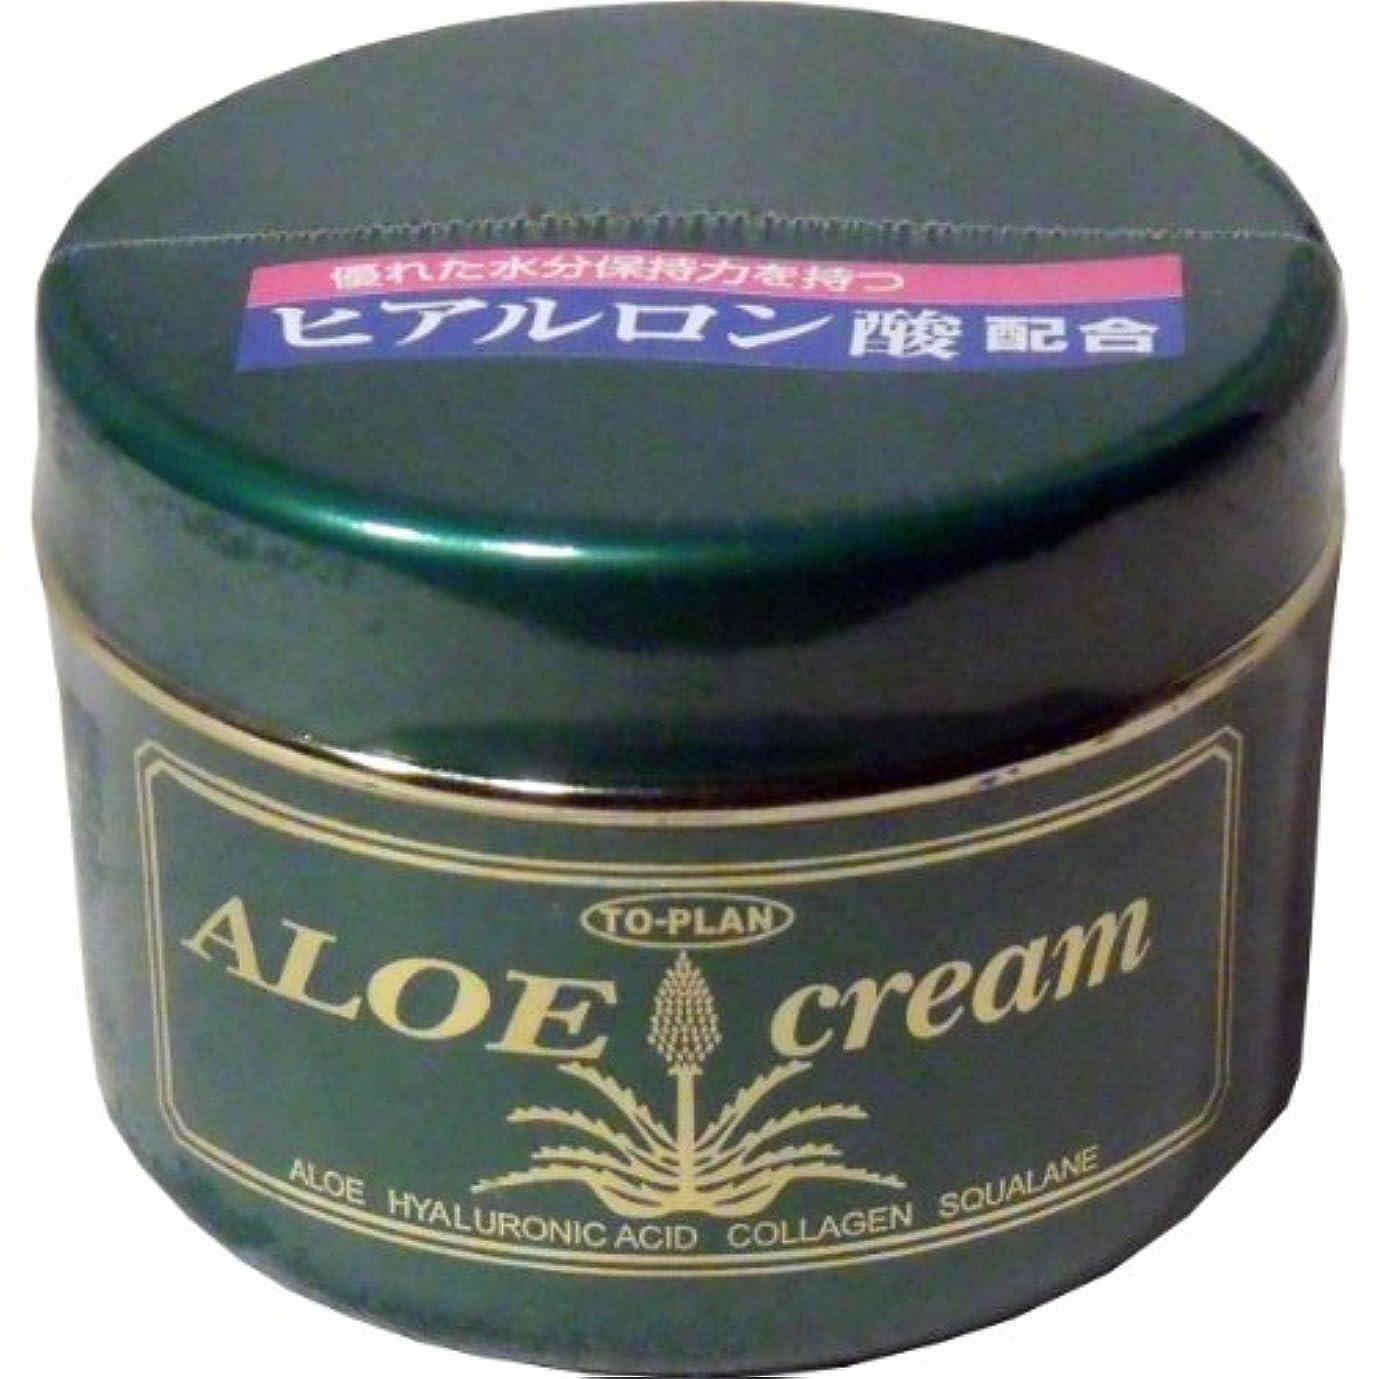 忌まわしいリスト口述するトプラン ハーブフレッシュクリーム(アロエクリーム) ヒアルロン酸 170g ×6個セット